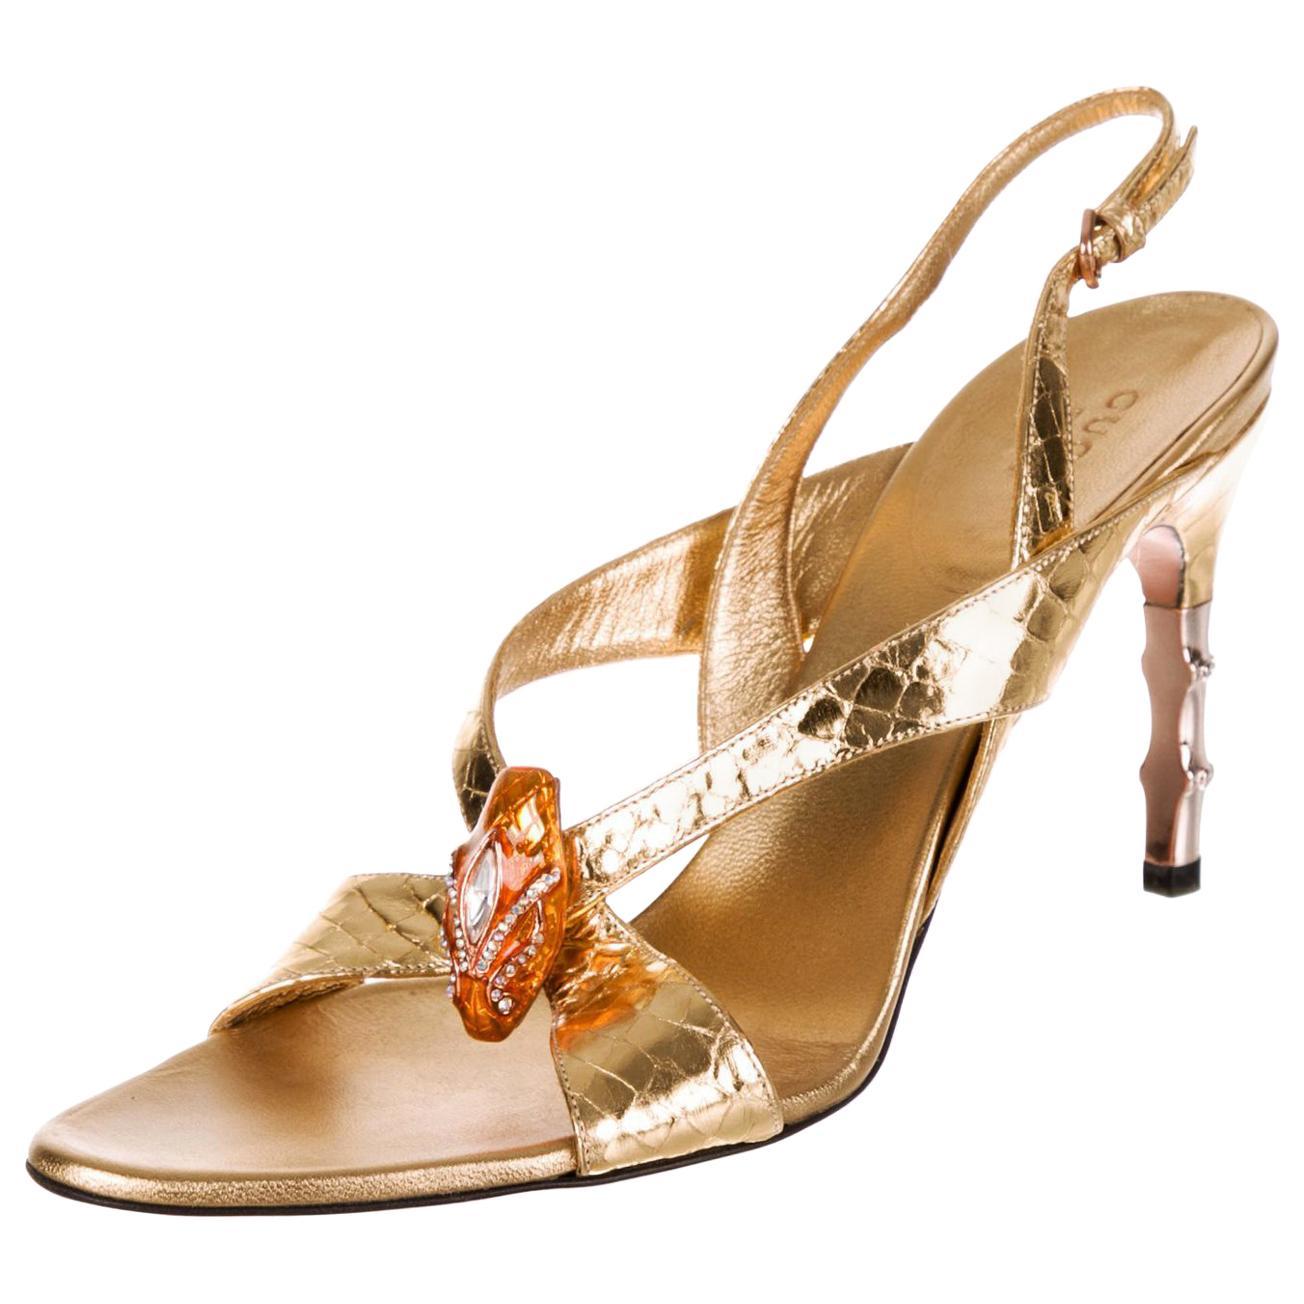 929782846a9c Rose Gold Sandal Heels - 17 For Sale on 1stdibs